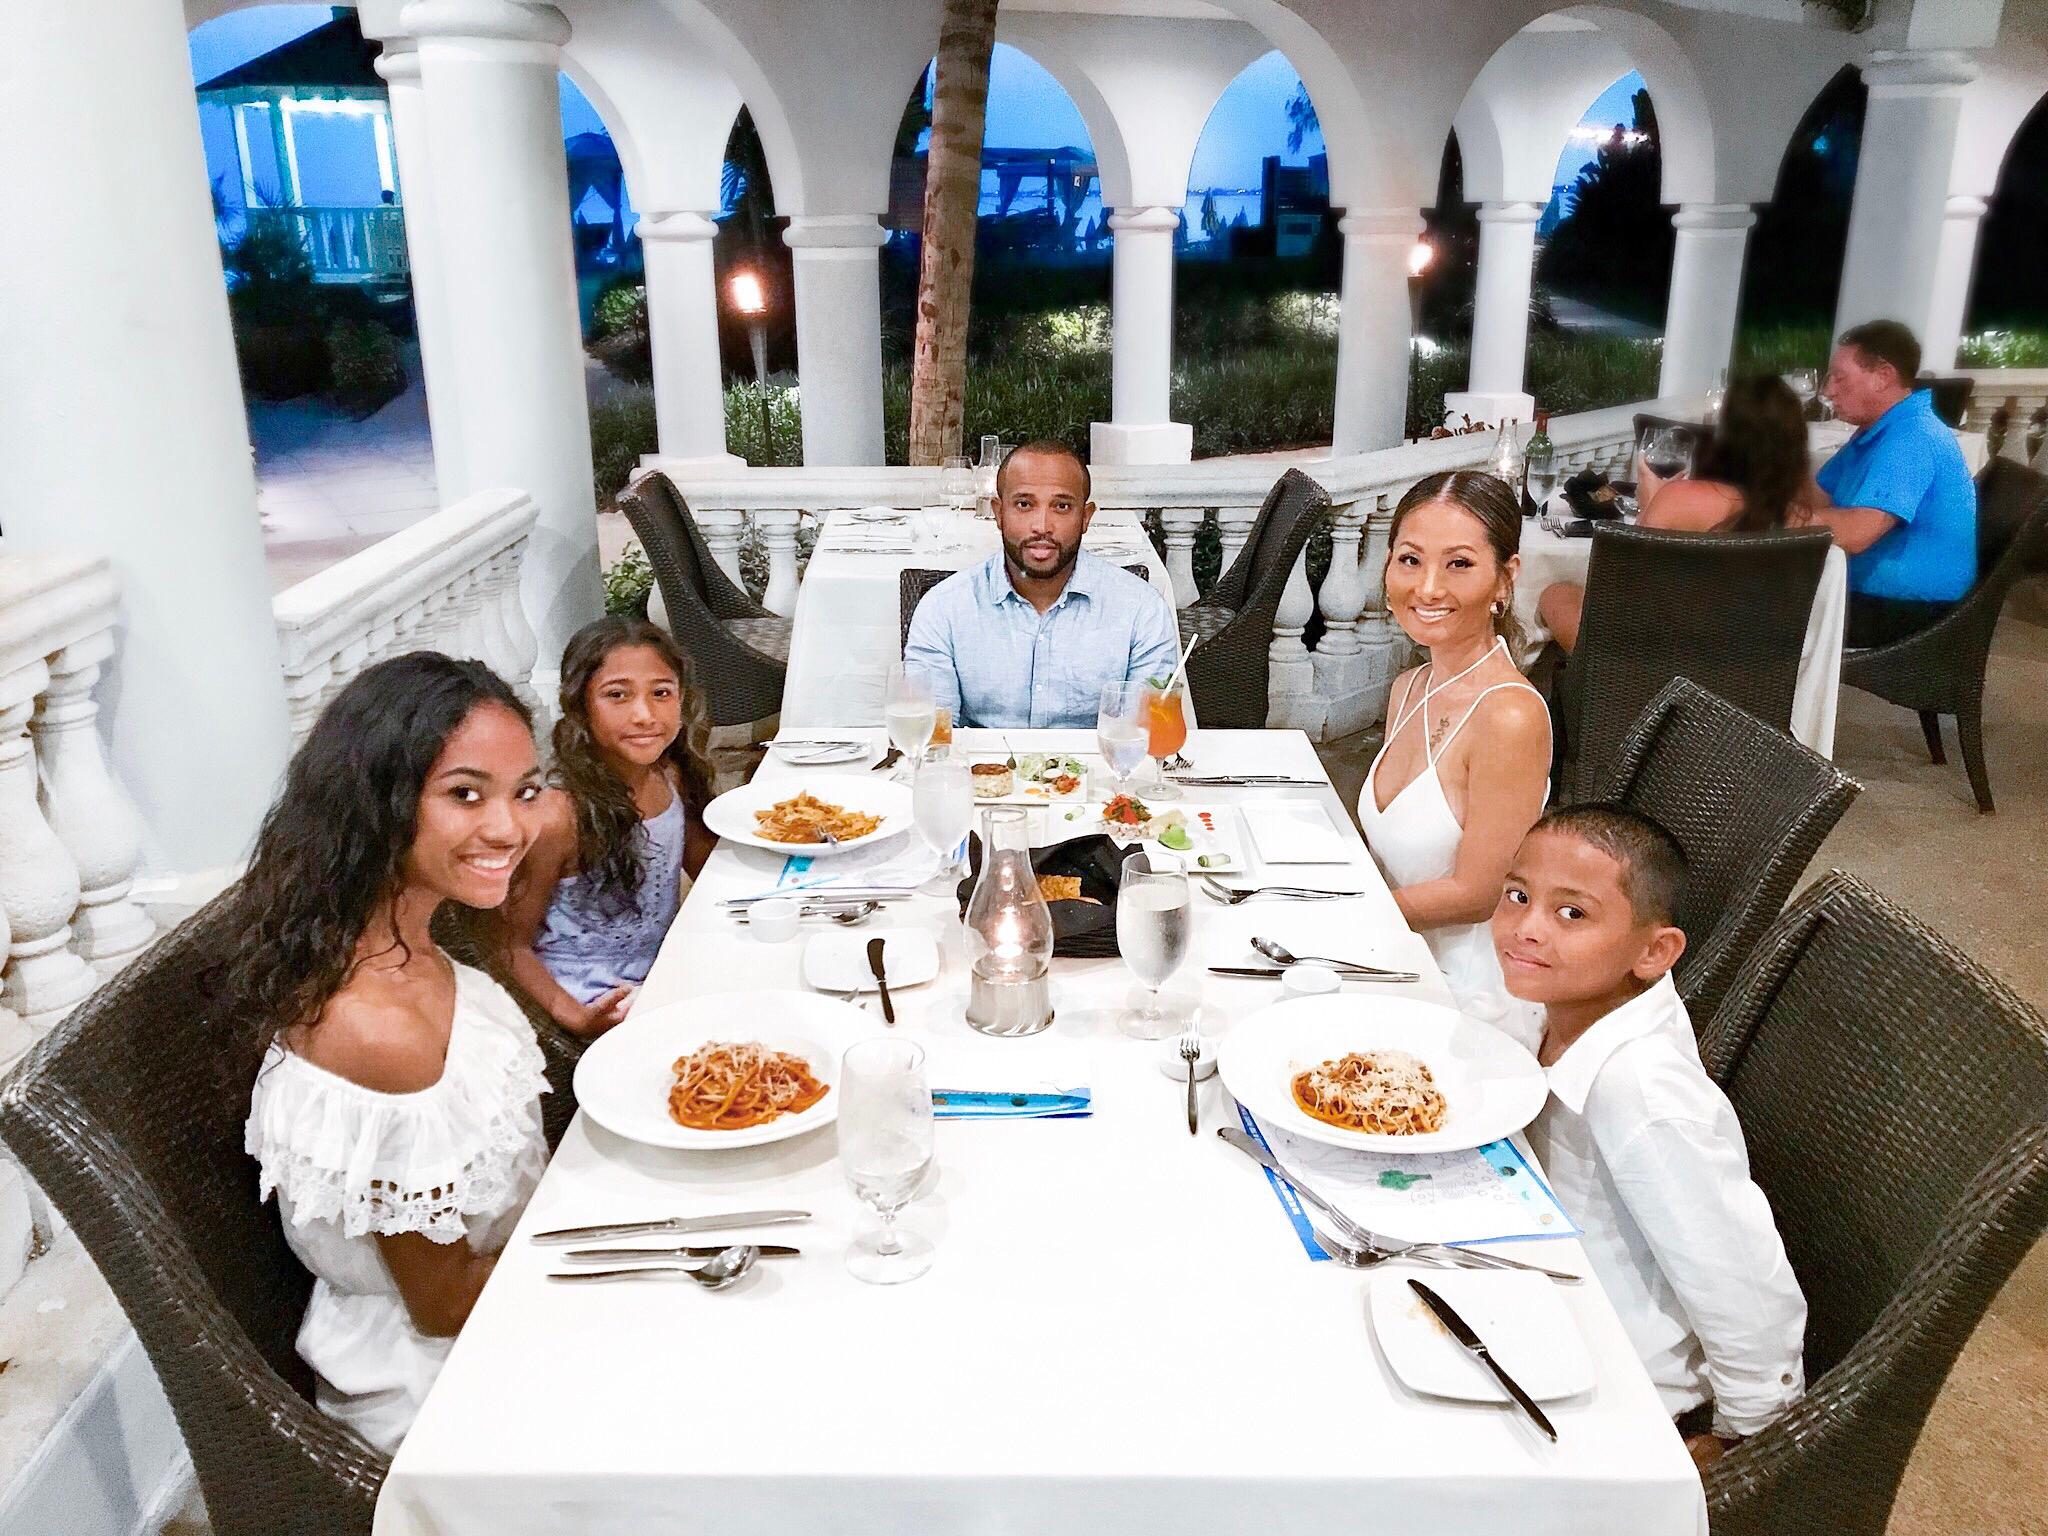 Westin grand cayman, Beach House Coastal Cuisine cayman